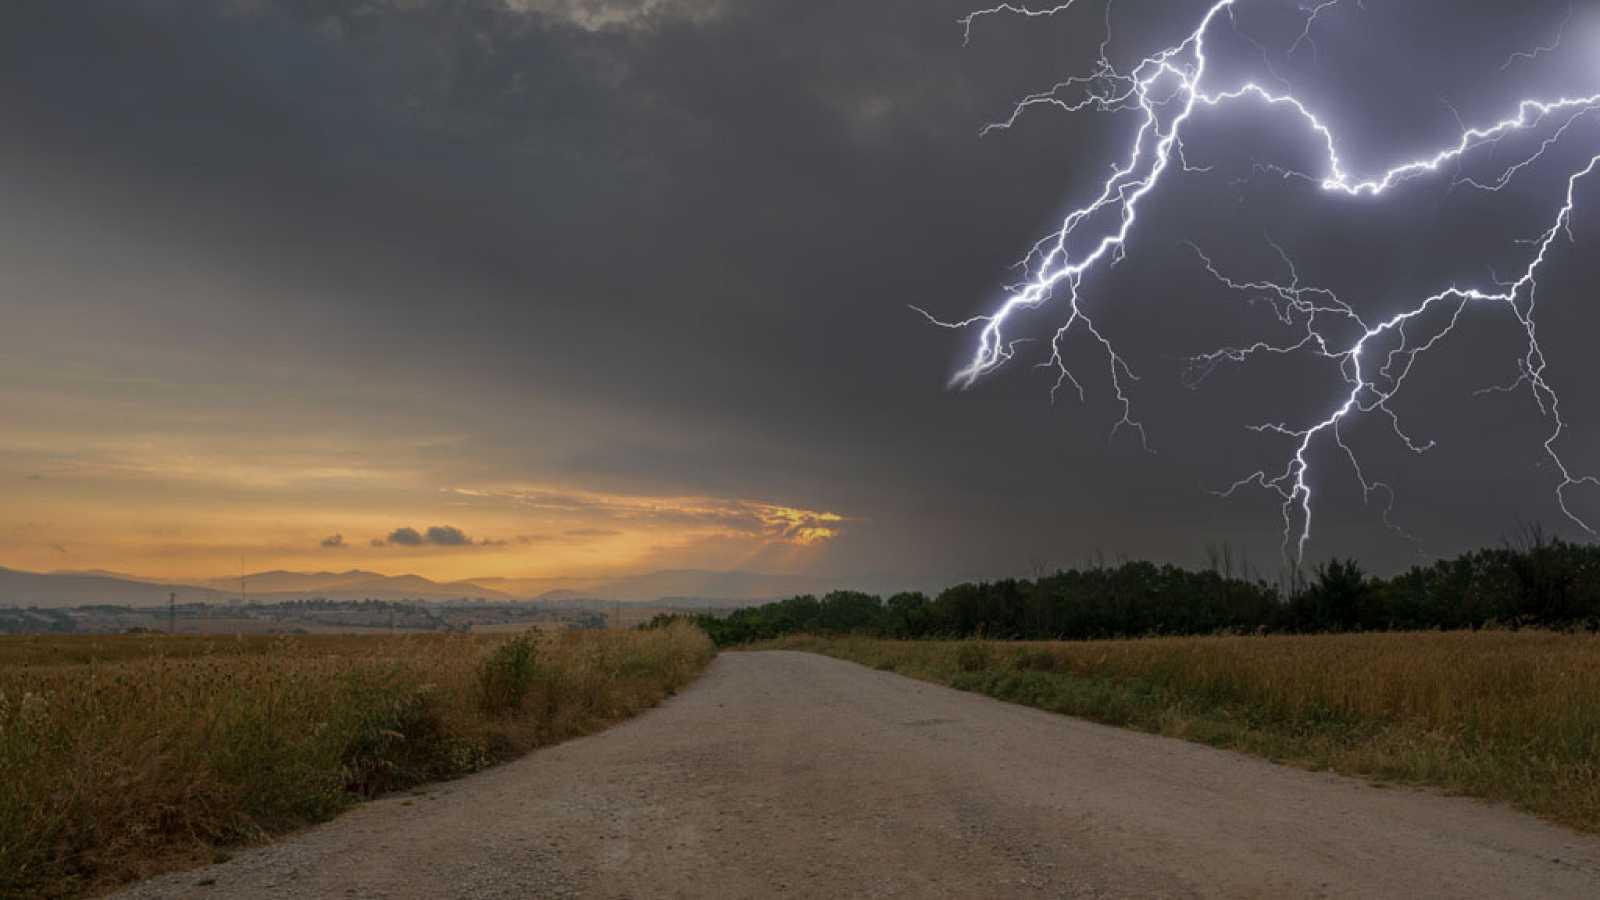 Alta probabilidad de chubascos, lluvias y tormentas eléctricas sobre Camagüey